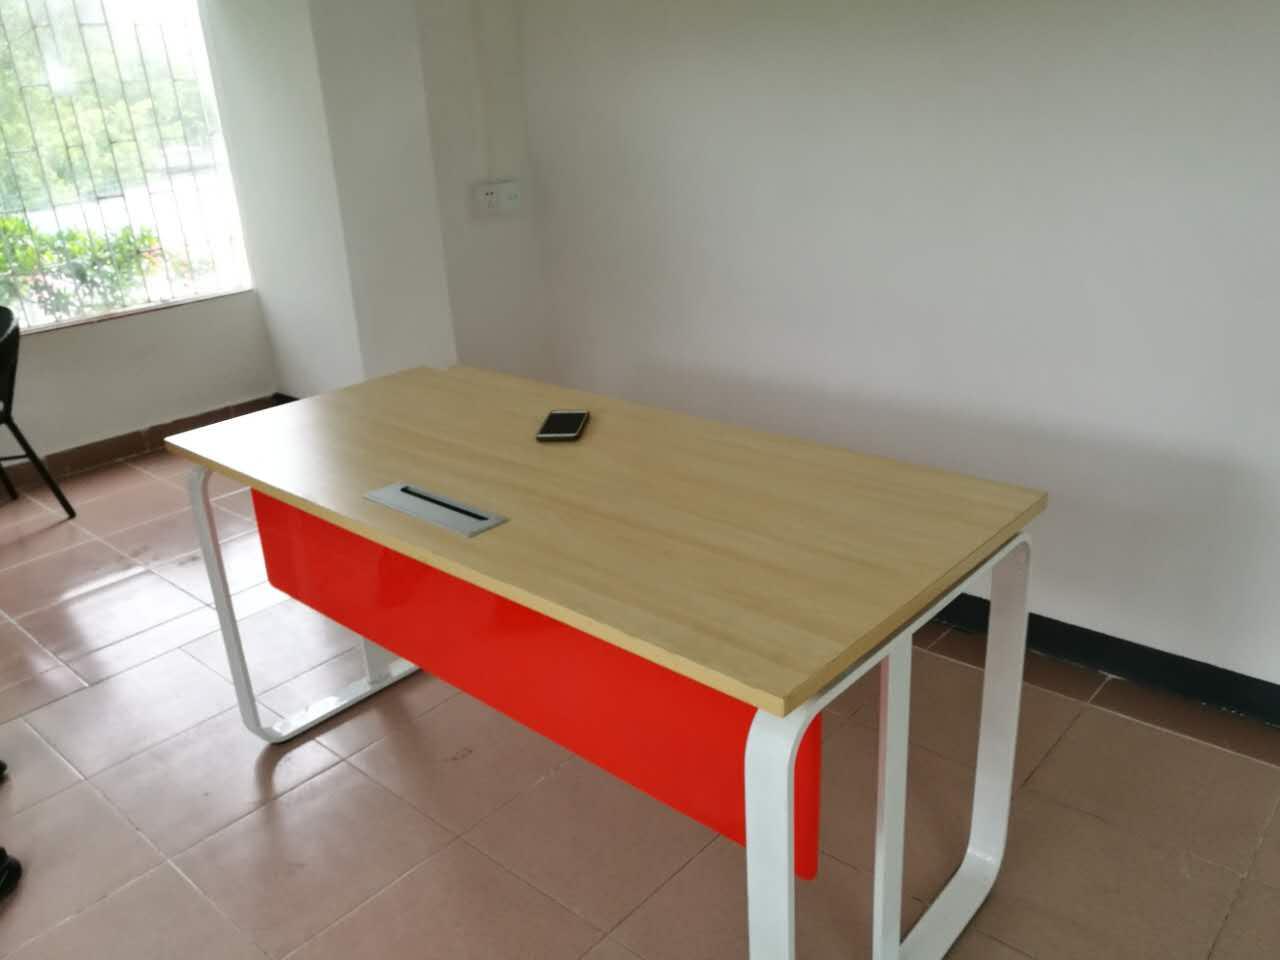 合步二手办公桌、二手椅子、二手货架、大班台销售安装服务案例——肖先生